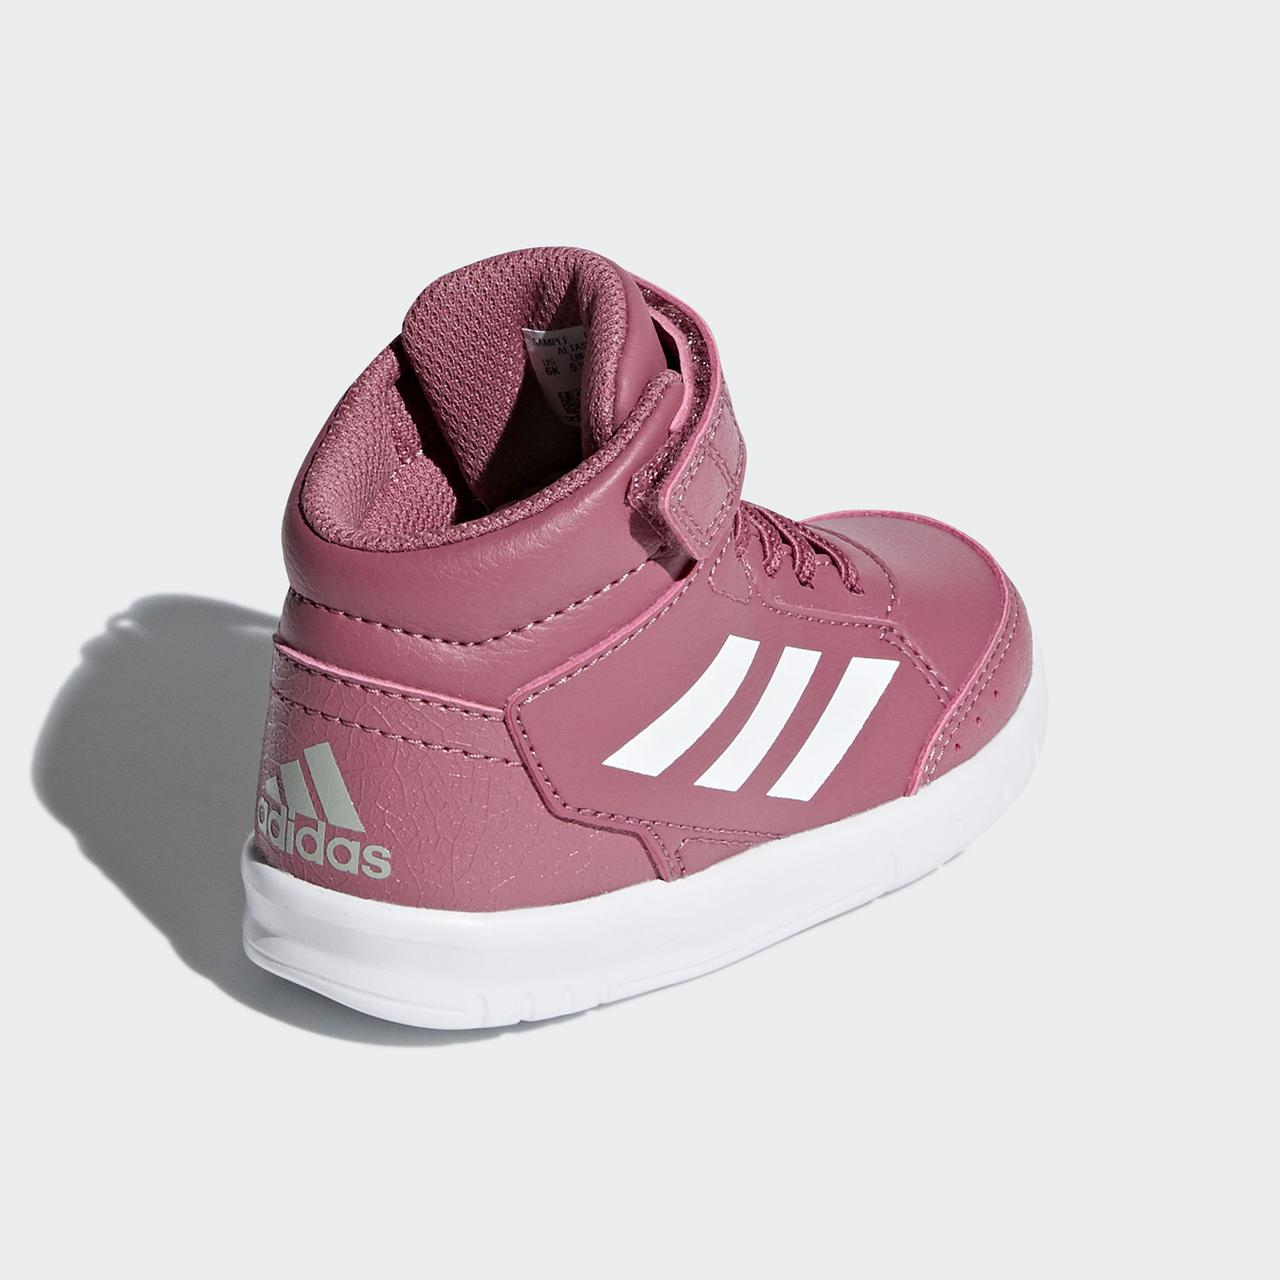 ee877ac470d7 ... Детские кроссовки Adidas Performance Altasport Mid (Артикул  AH2551),  ...